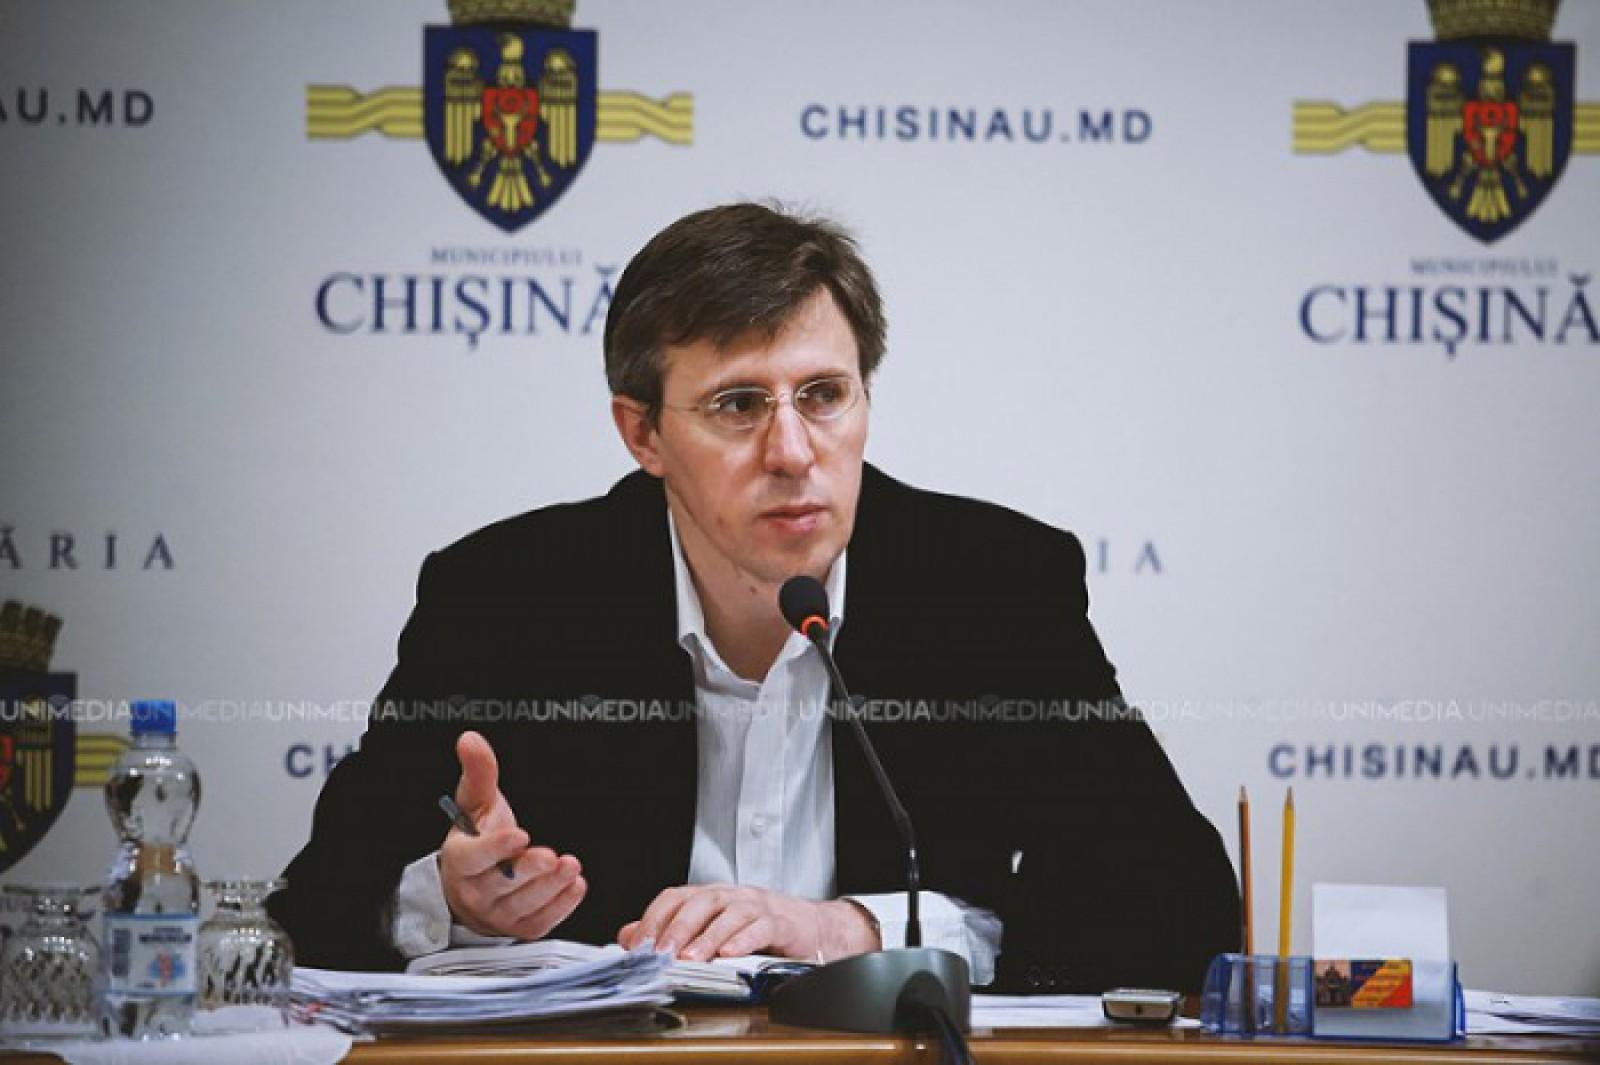 """Dorin Chirtoacă, către Vladimir Voronin: """"Tovarășe, aștept să ne vedem în instanțele lui Plahotniuc, prietenul fiului Dvs"""""""